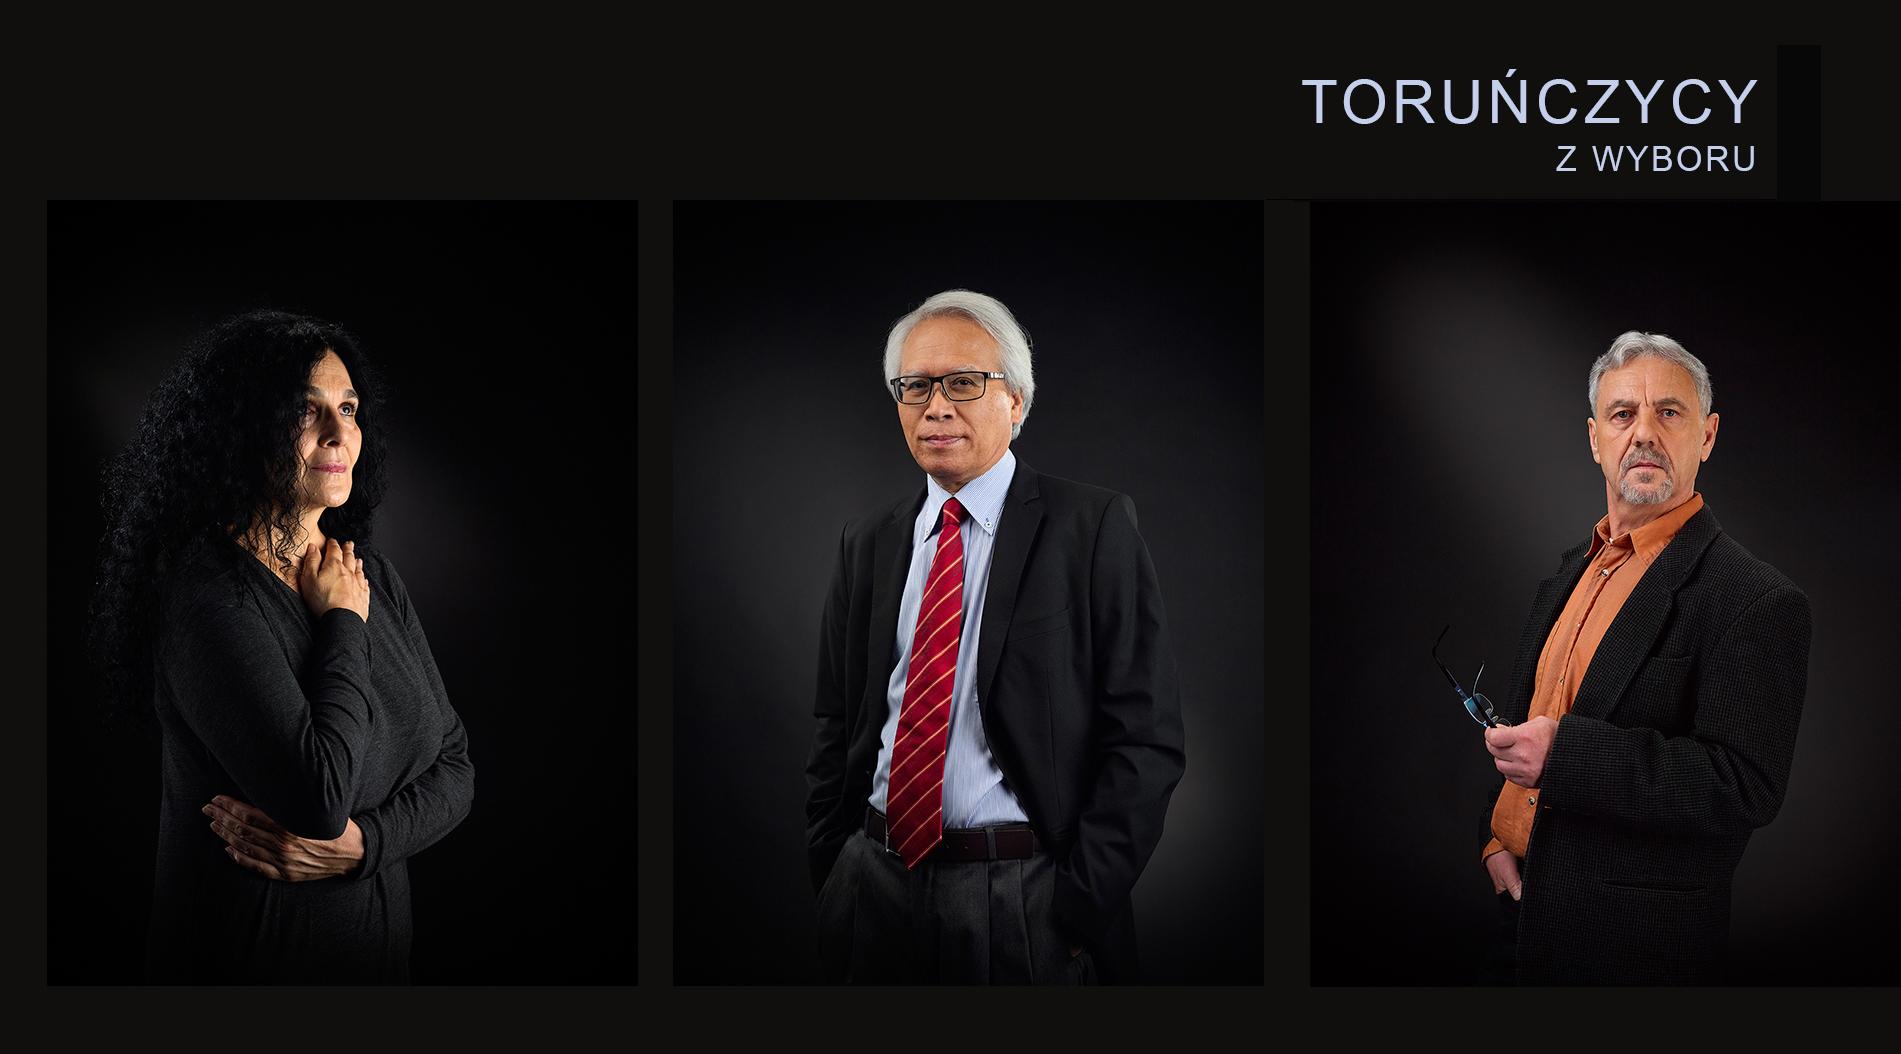 Toruńczycy z wyboru